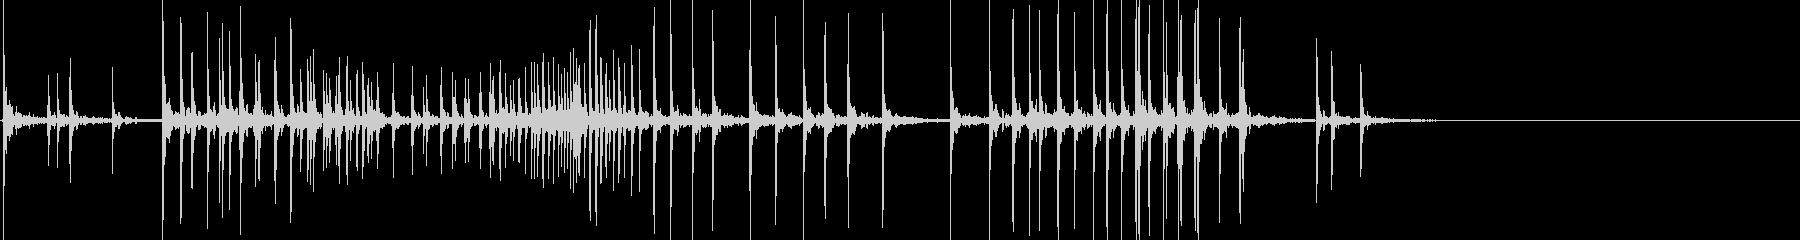 ホラー音(ギギギギ)の未再生の波形